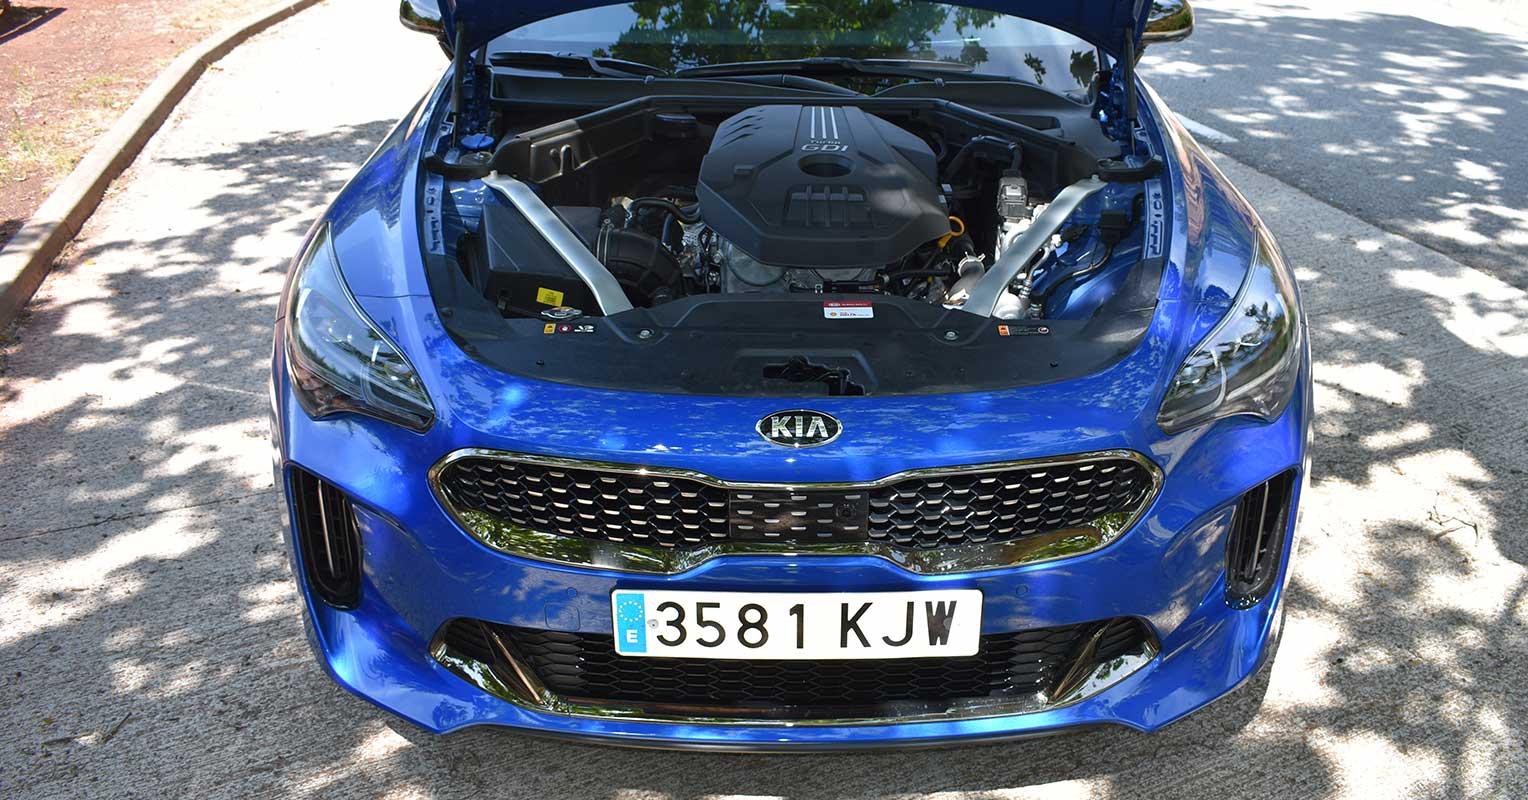 Motor del Kia Stinger